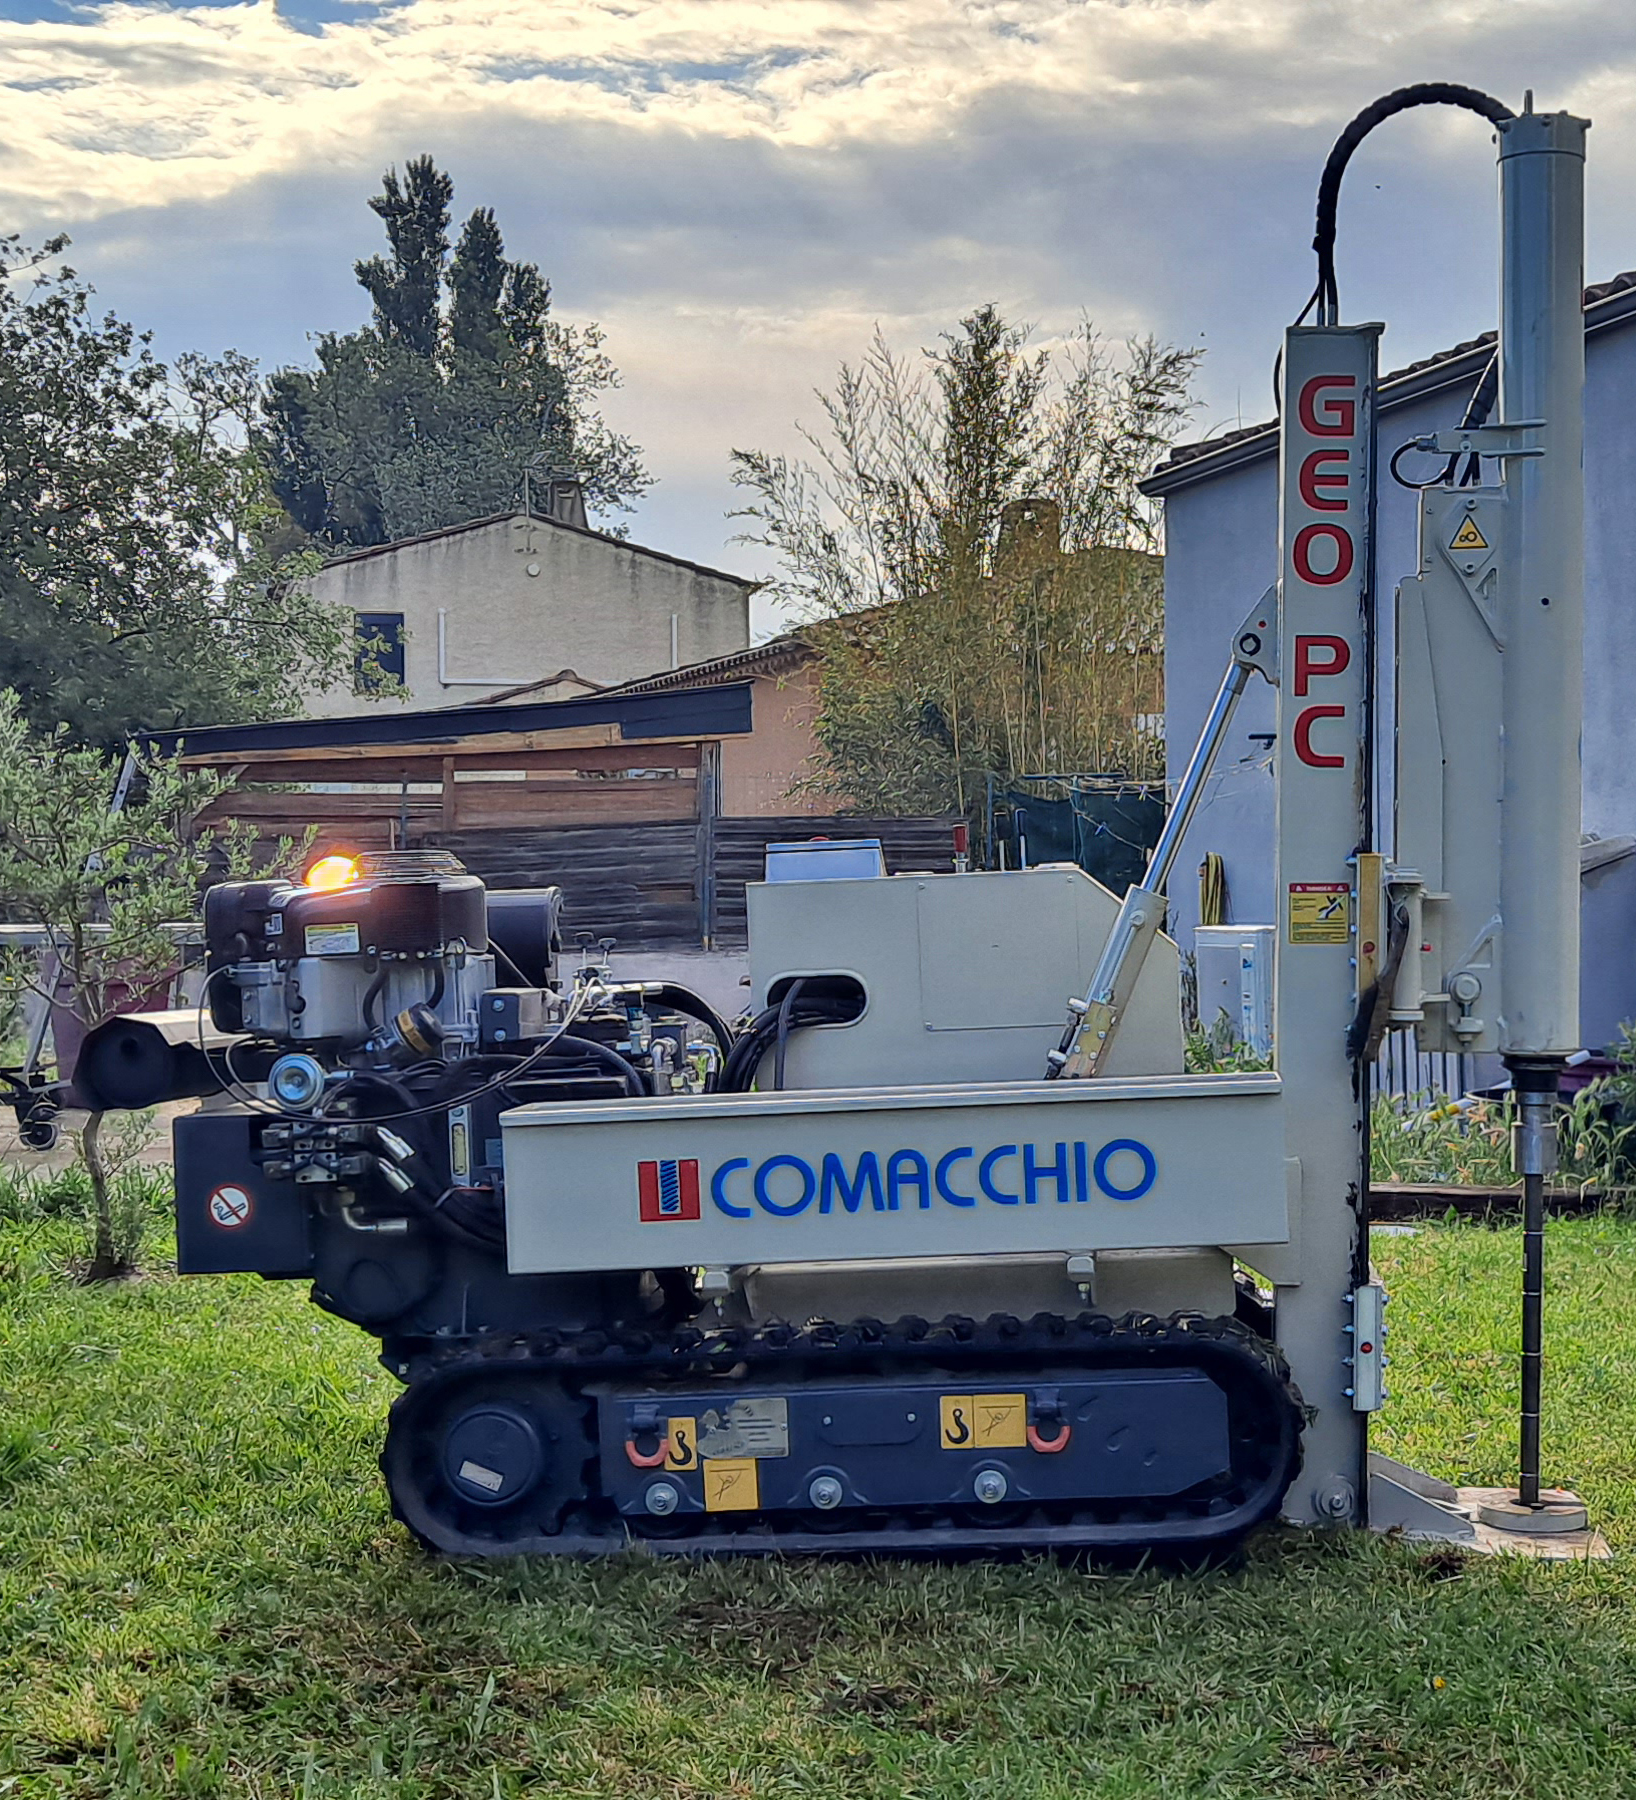 Comacchio GEO PC Pénétromètre et sondage sur chantier